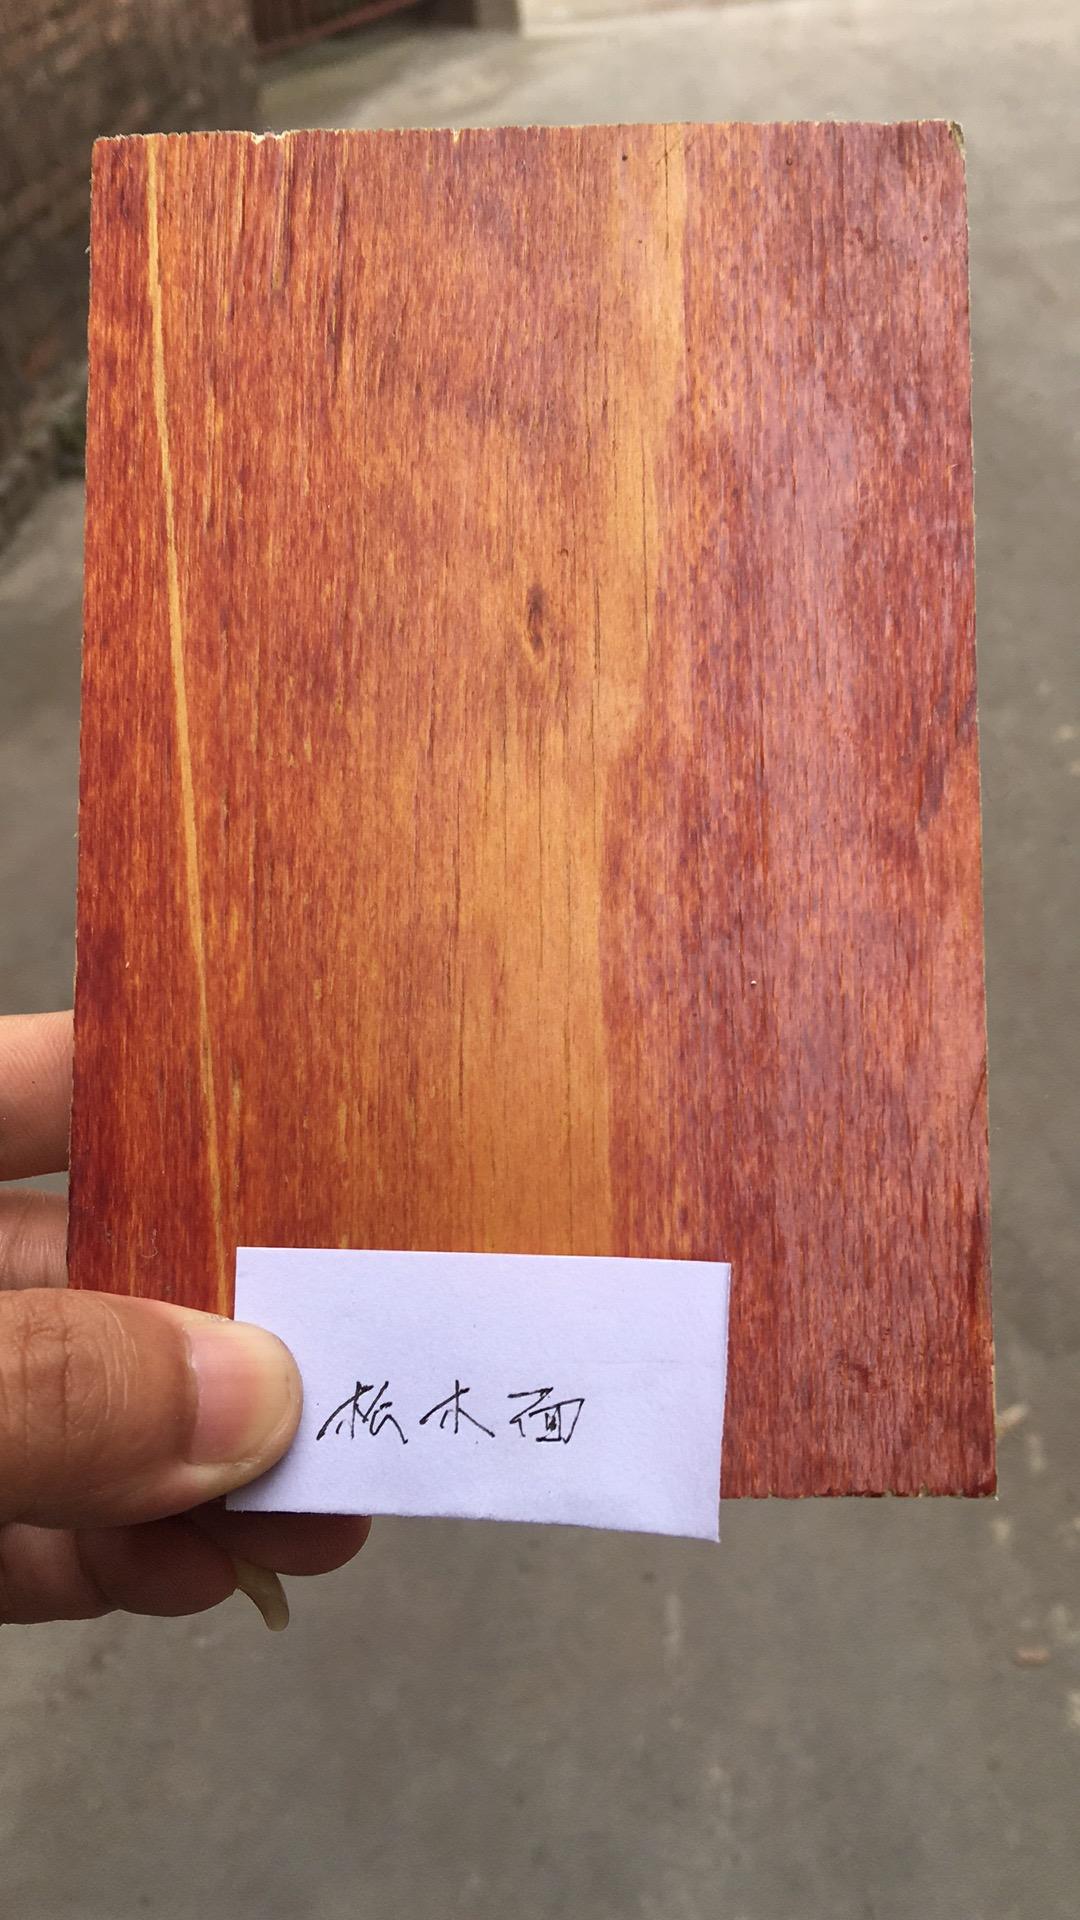 广西建筑木模板覆膜板厂家直销 供应各规格的建筑模板覆膜板 松木面覆膜板